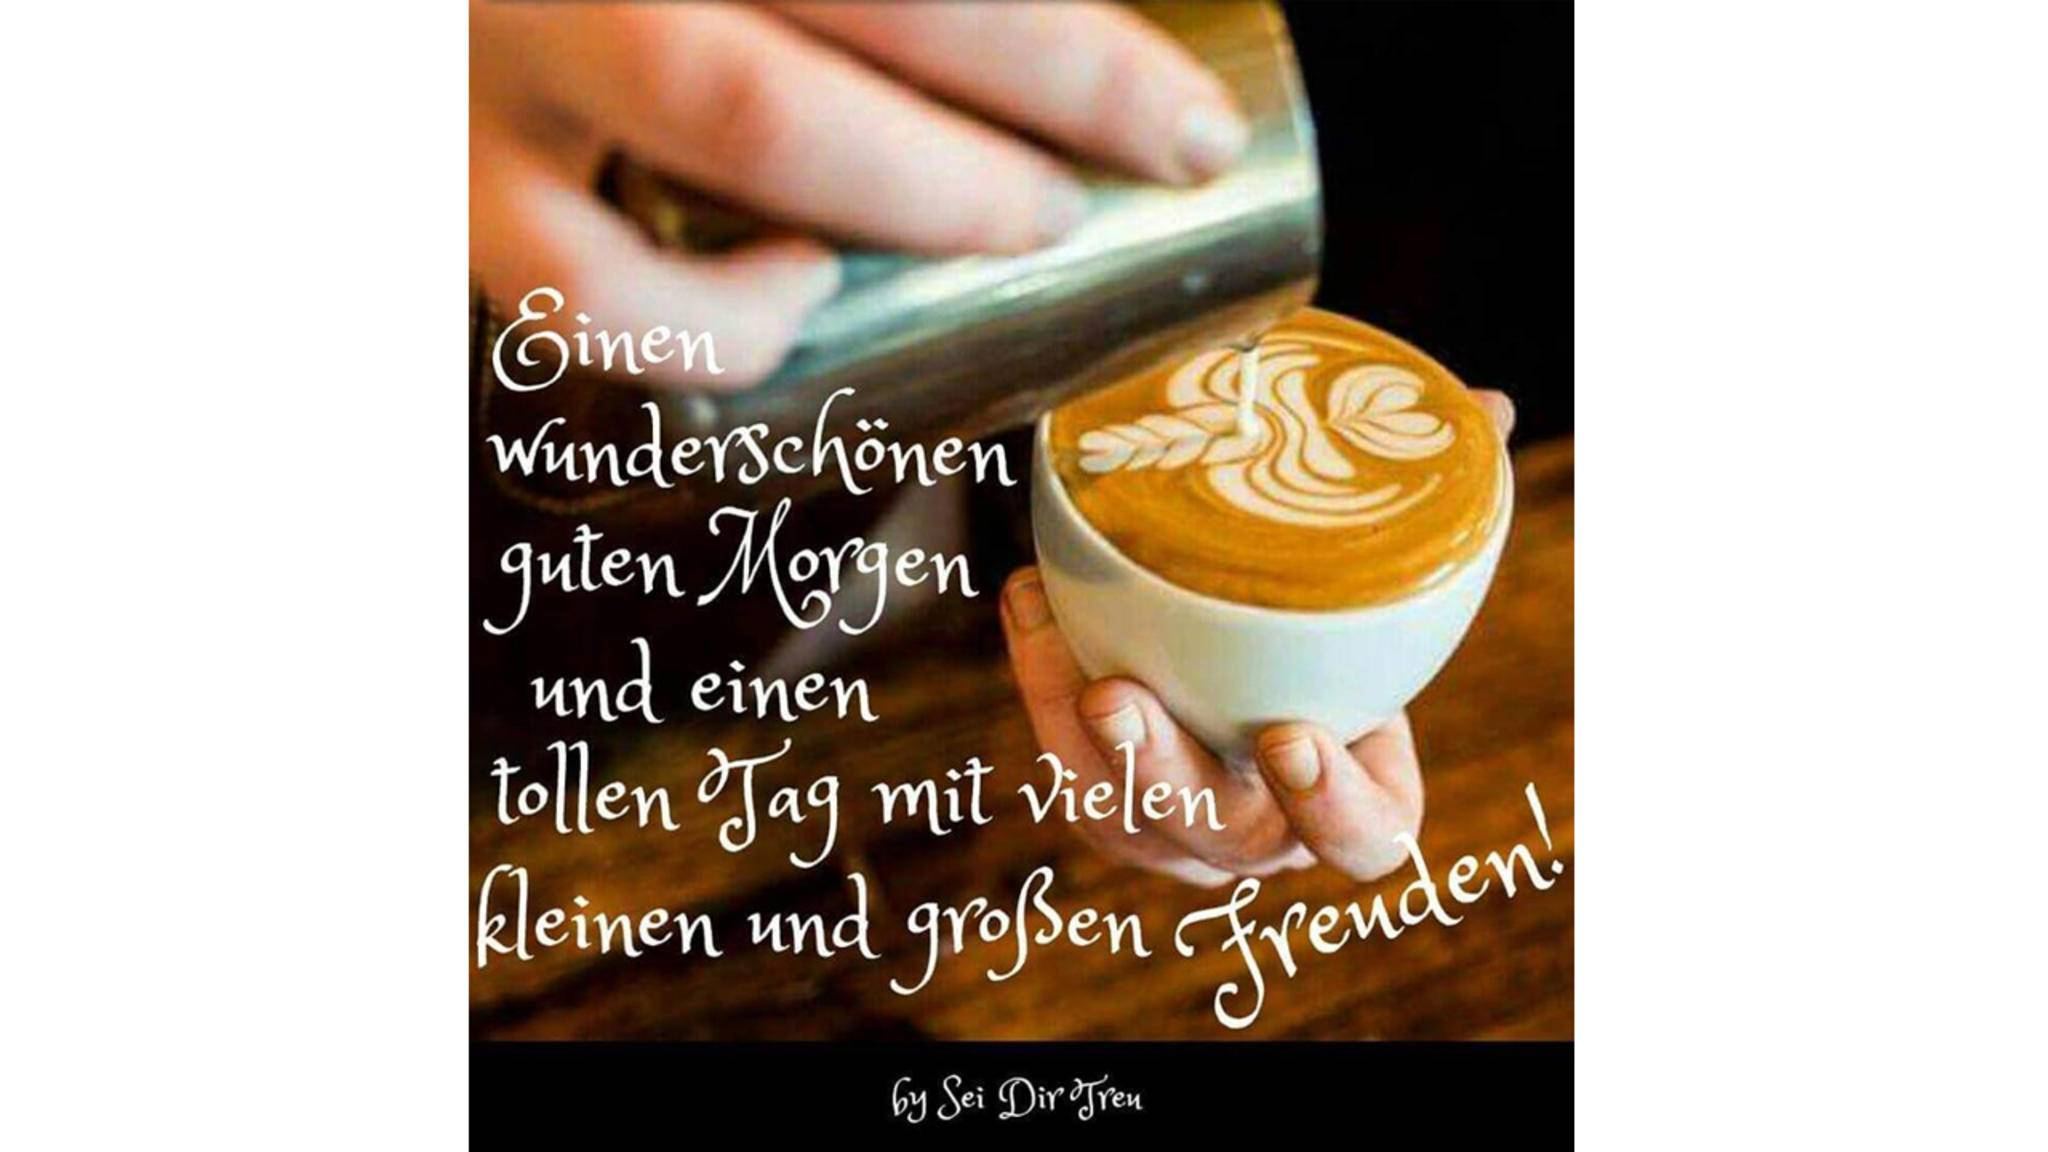 Mit einem netten oder lustigen Guten-Morgen-Gruß startet es sich gleich besser in den Tag!